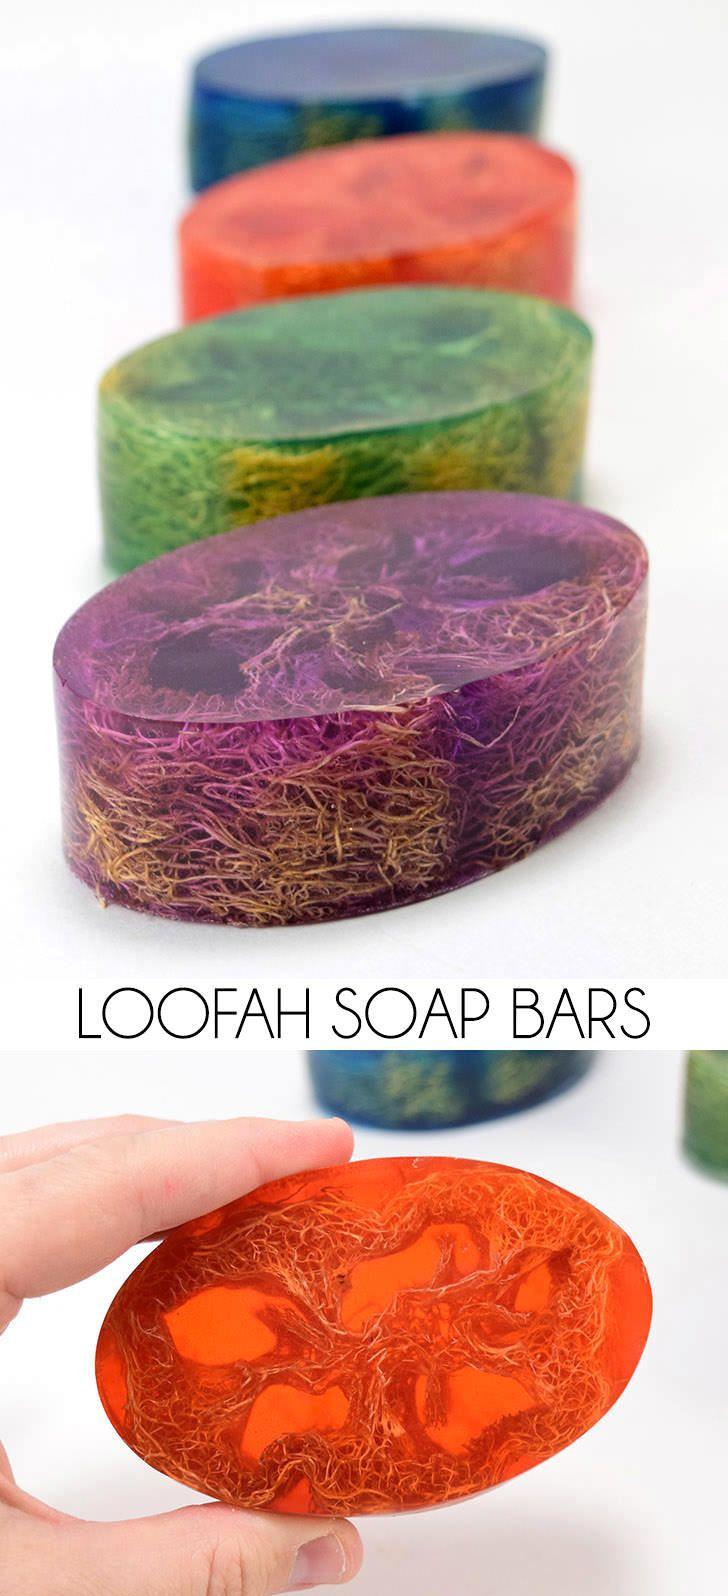 Loofah Soap Bars #diybeauty